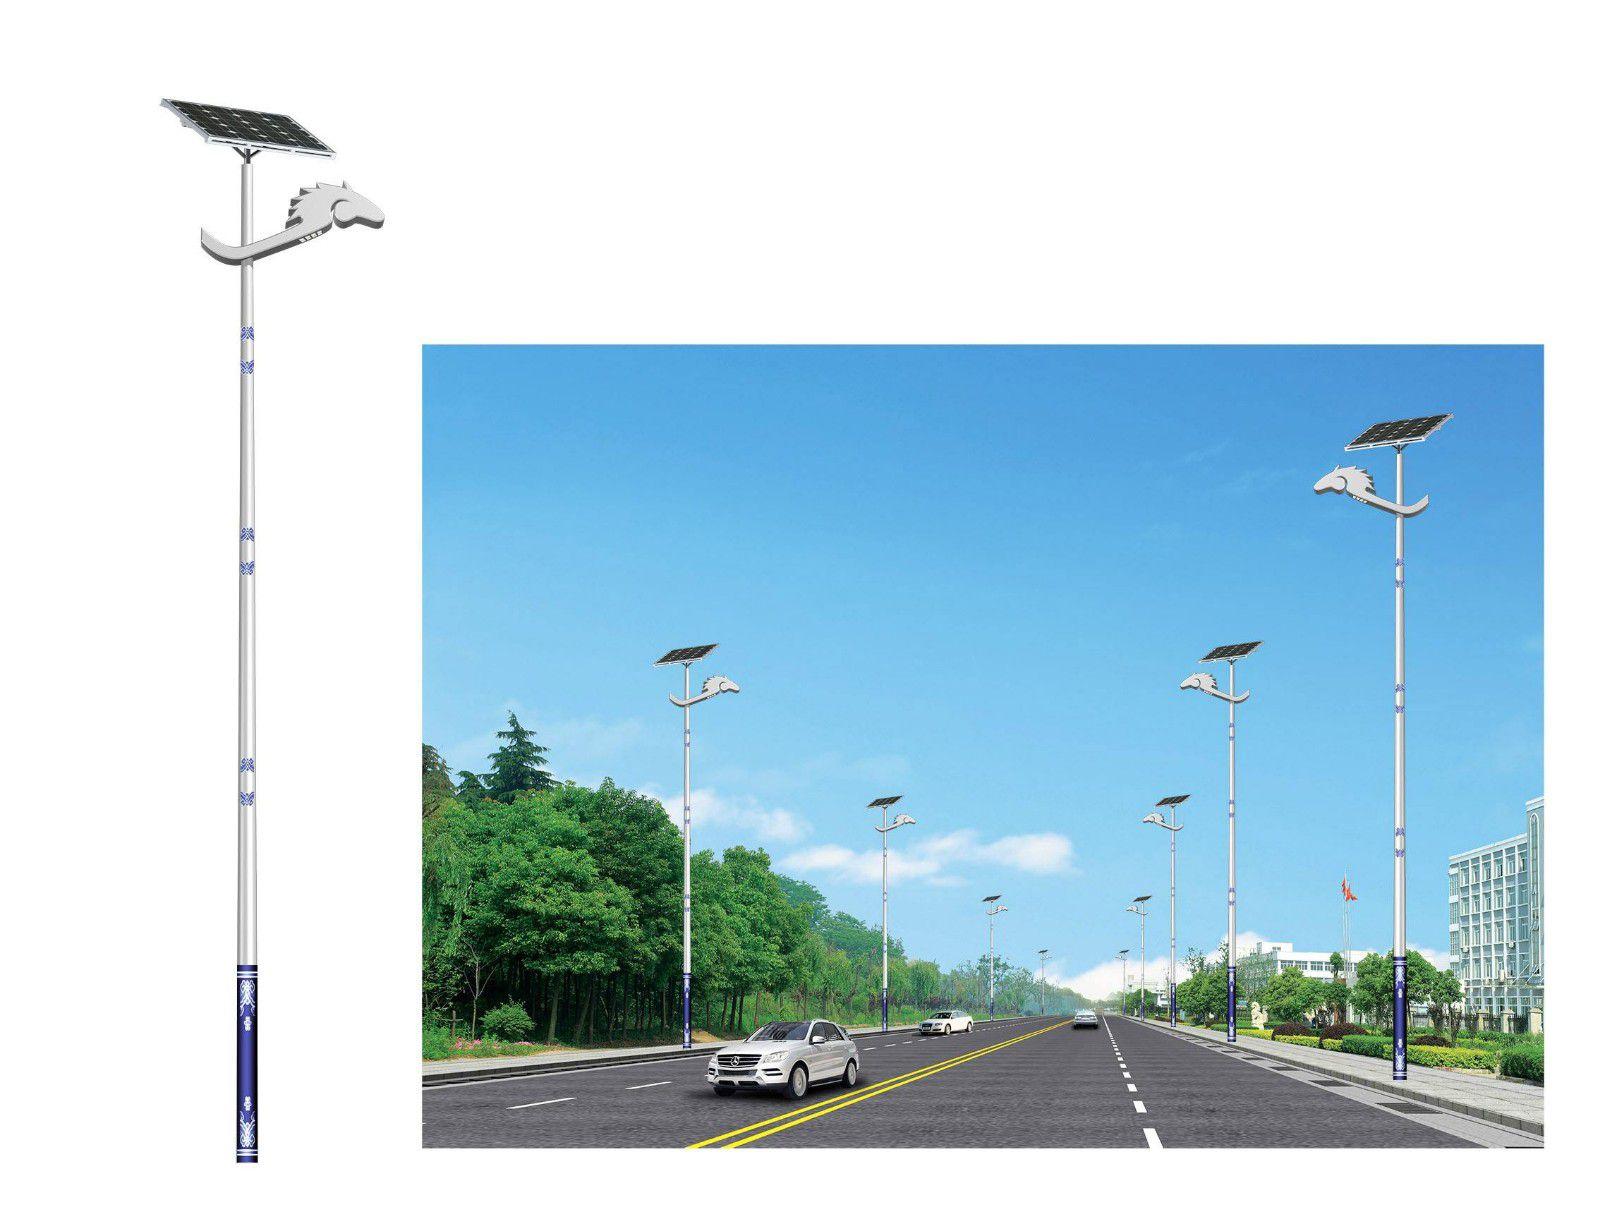 四川省宜宾市筠连县太阳能路灯如何控制开关